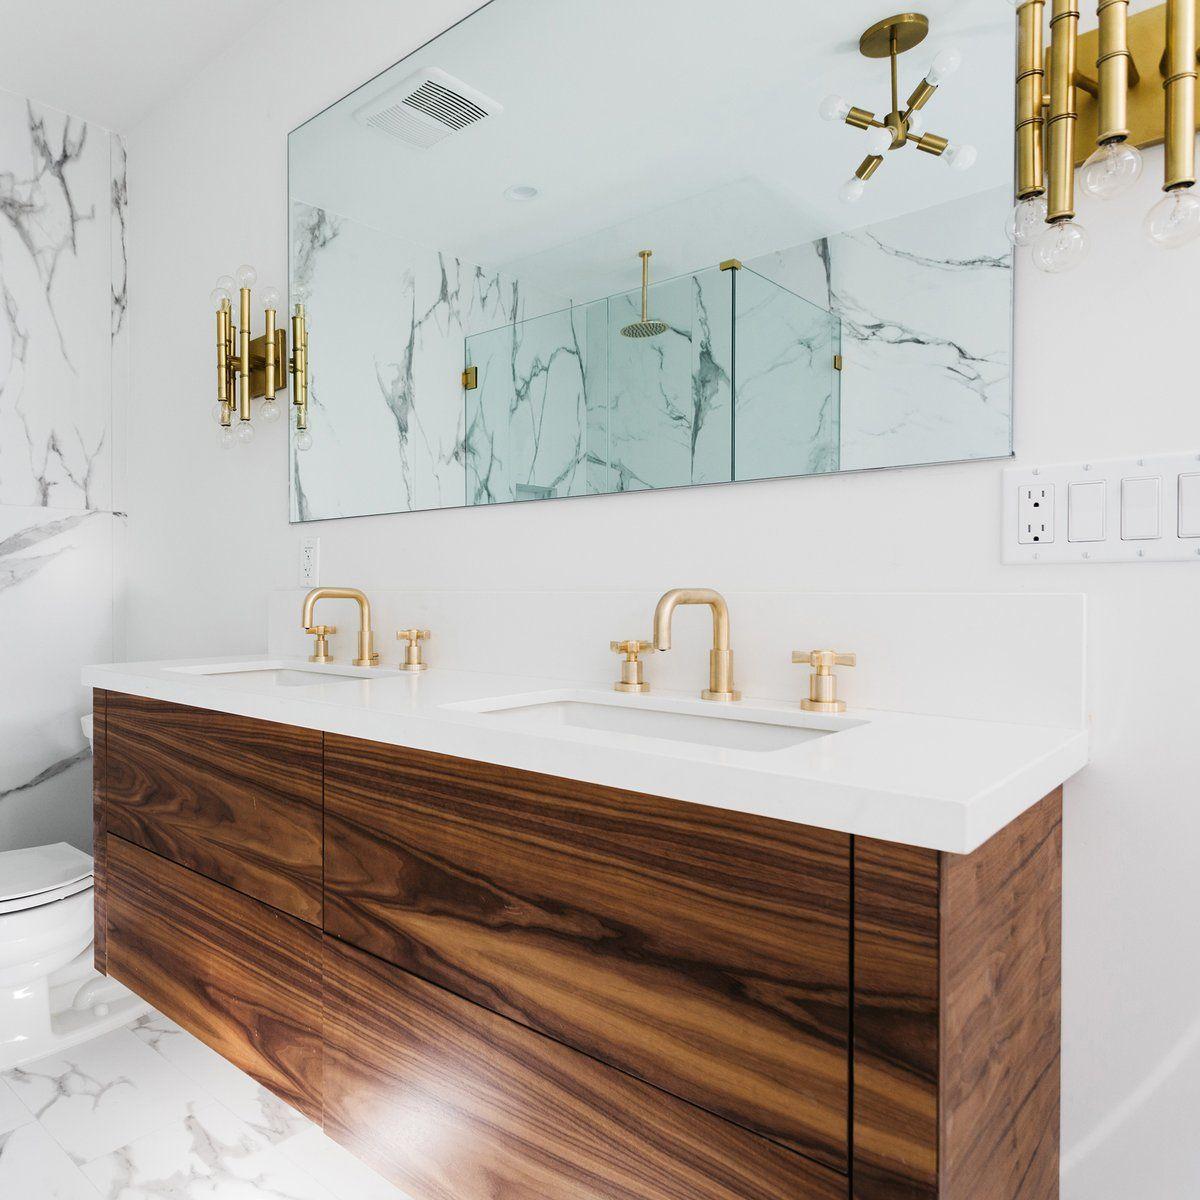 Ikea Godmorgon Bathroom Vanity Replacement Cabinet Doors